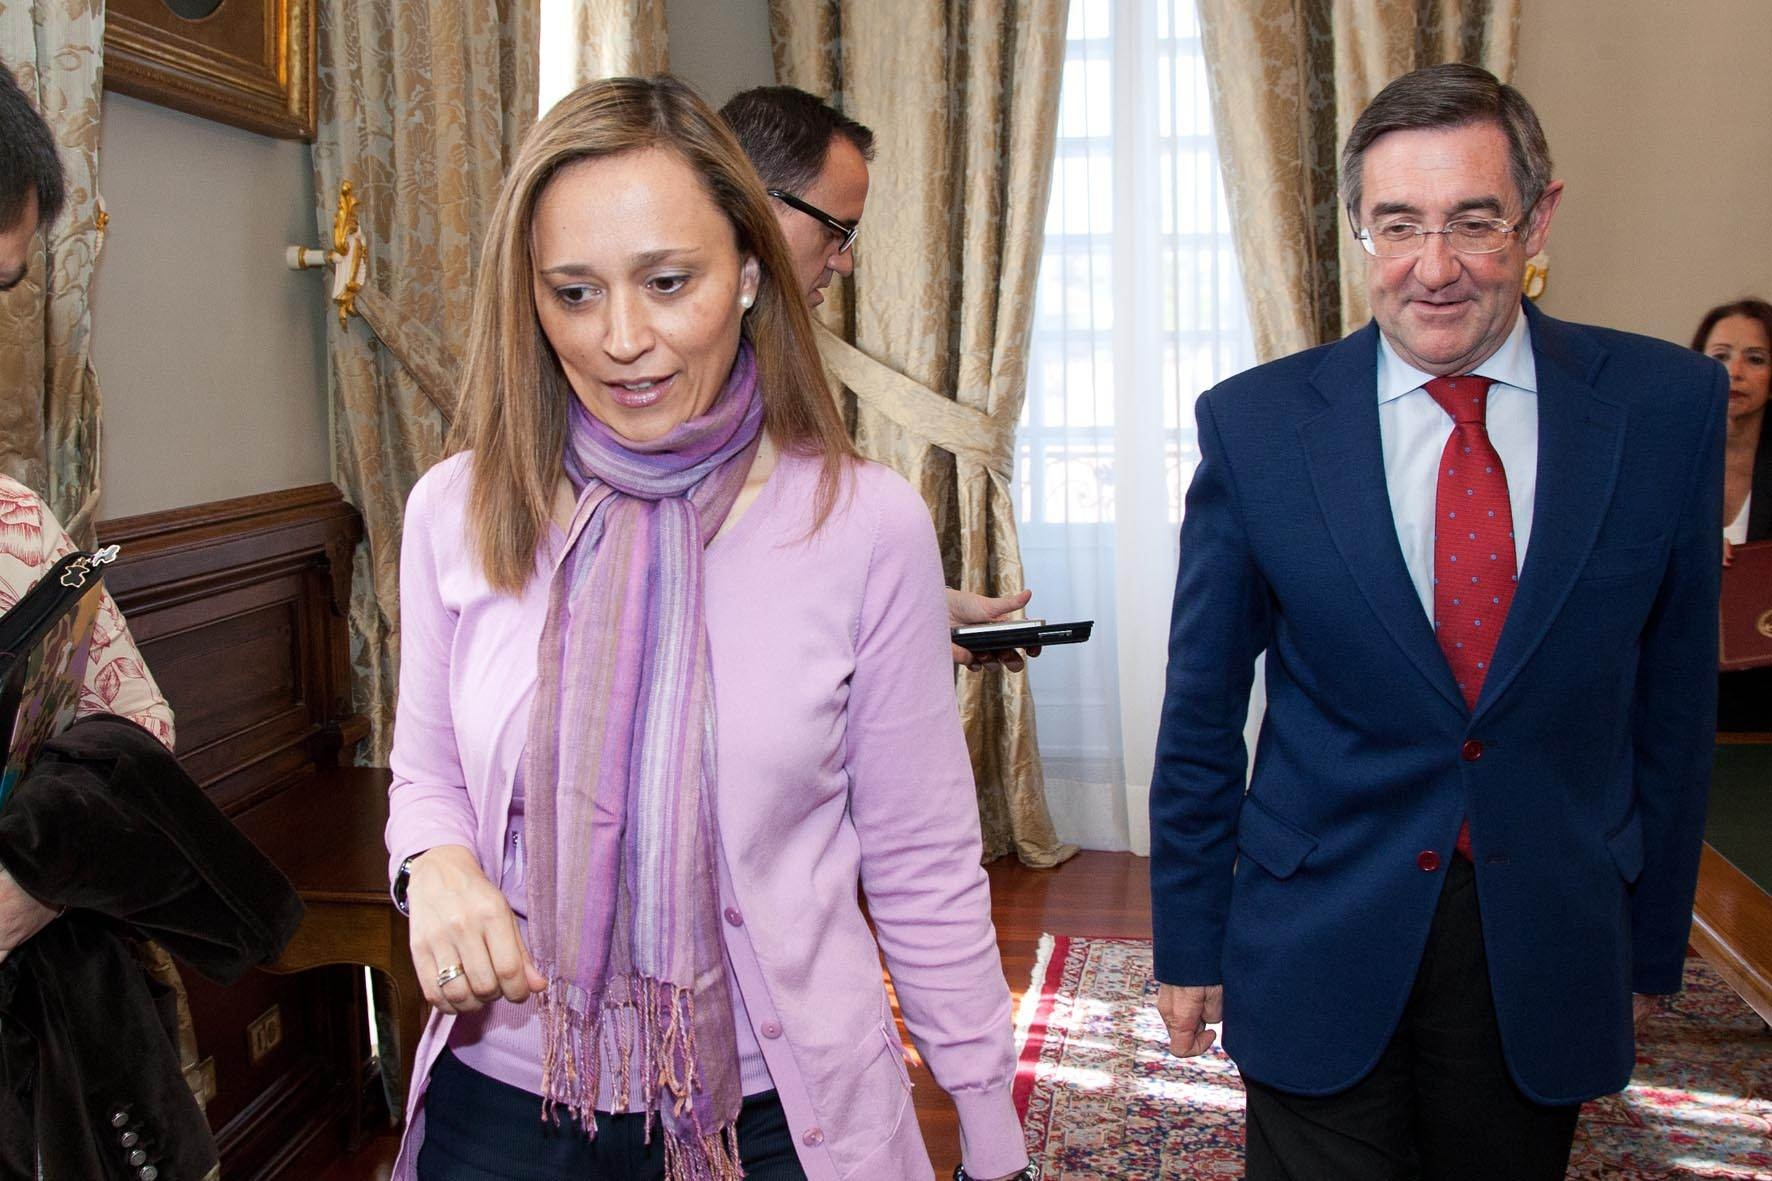 La Xunta anuncia una reducción del gasto de 26 millones para cumplir el déficit «sin las medidas extremas de otras CCAA»